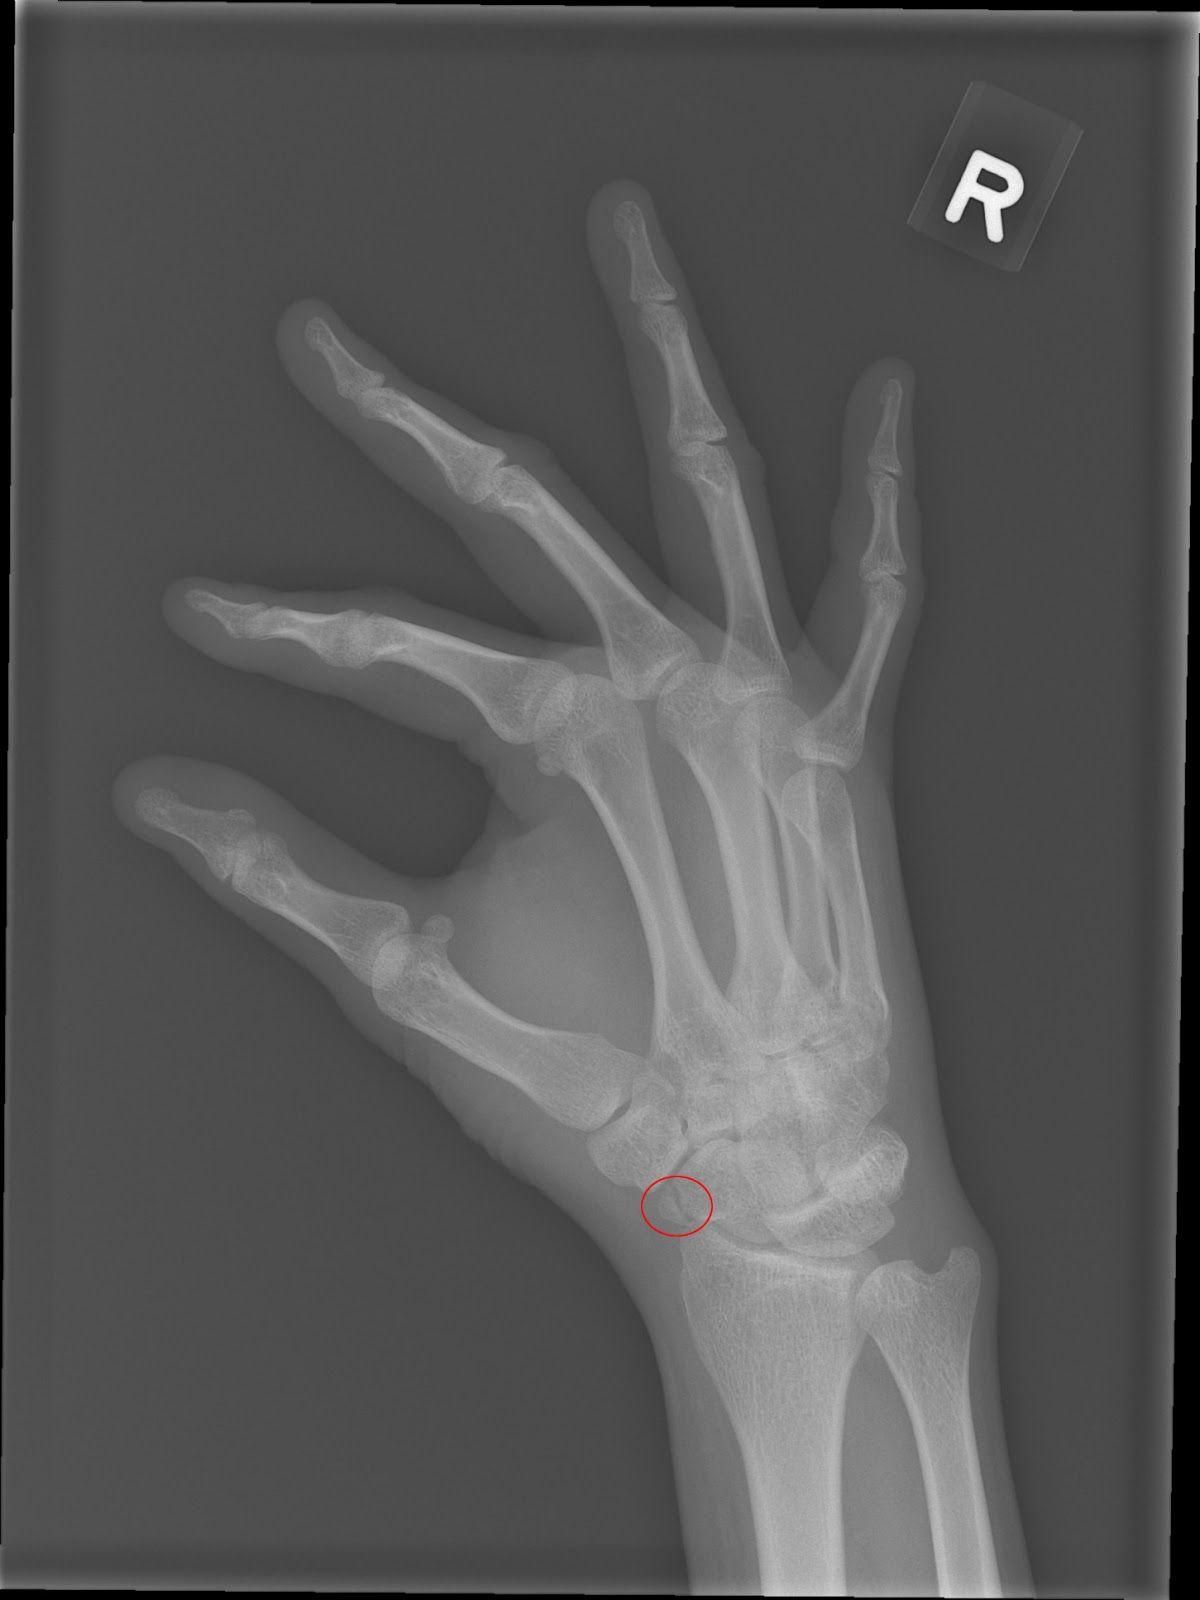 Xray Pictures Of Broken Bones